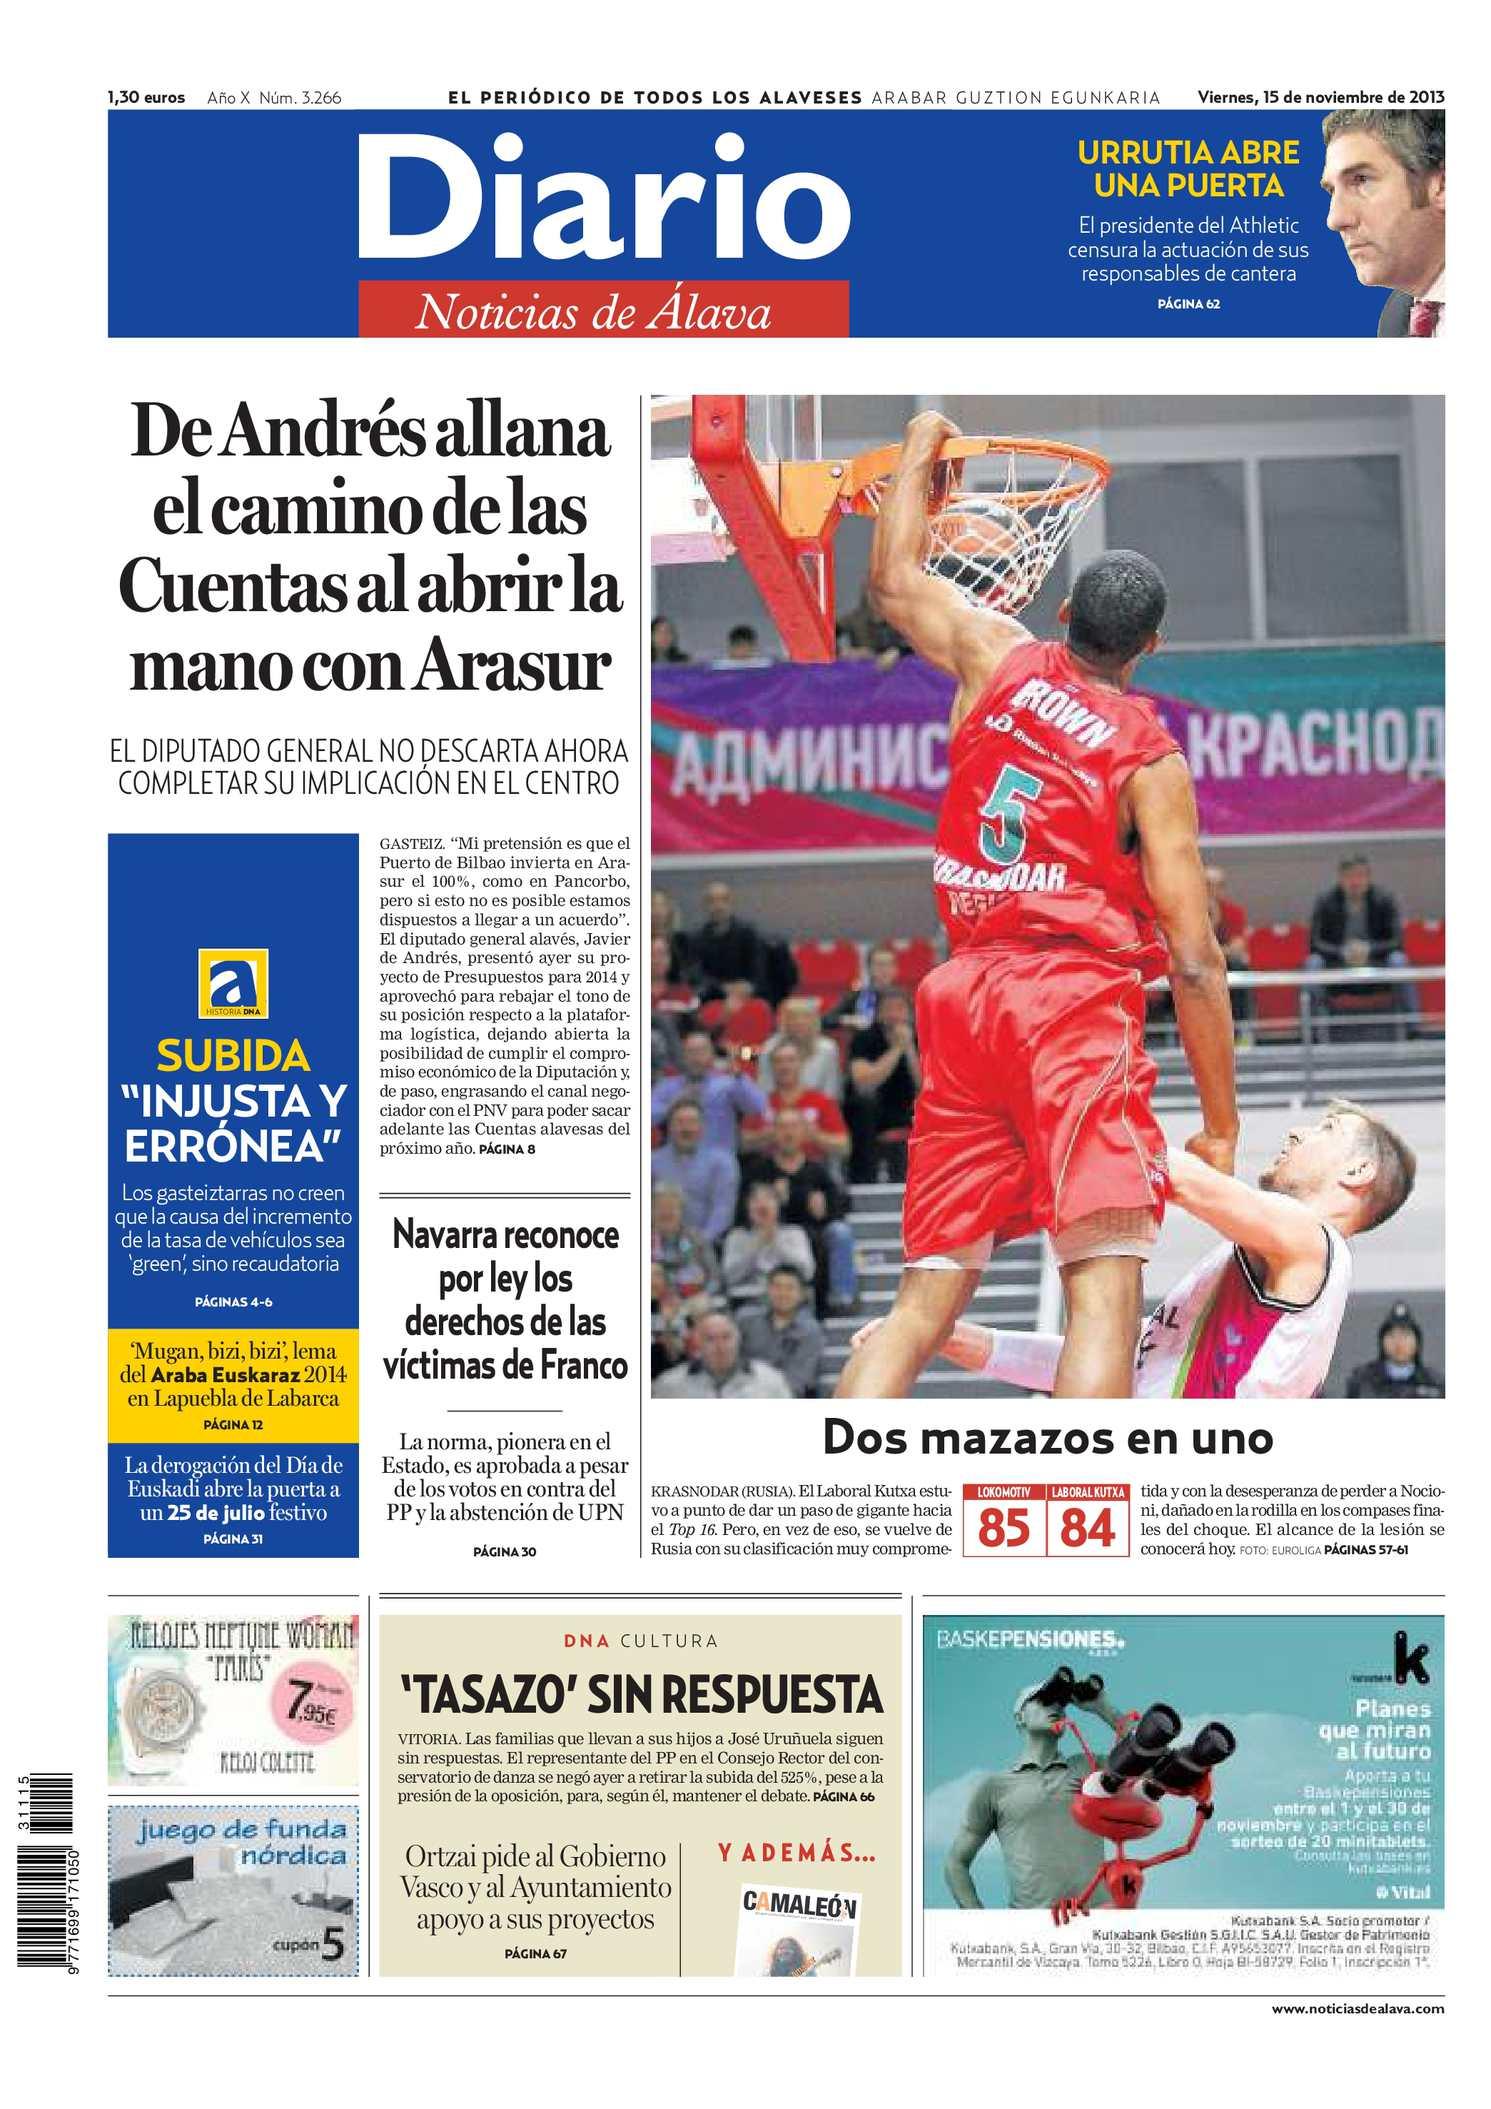 Calaméo - Diario de Noticias de Álava 20131115 42c3a41ca03